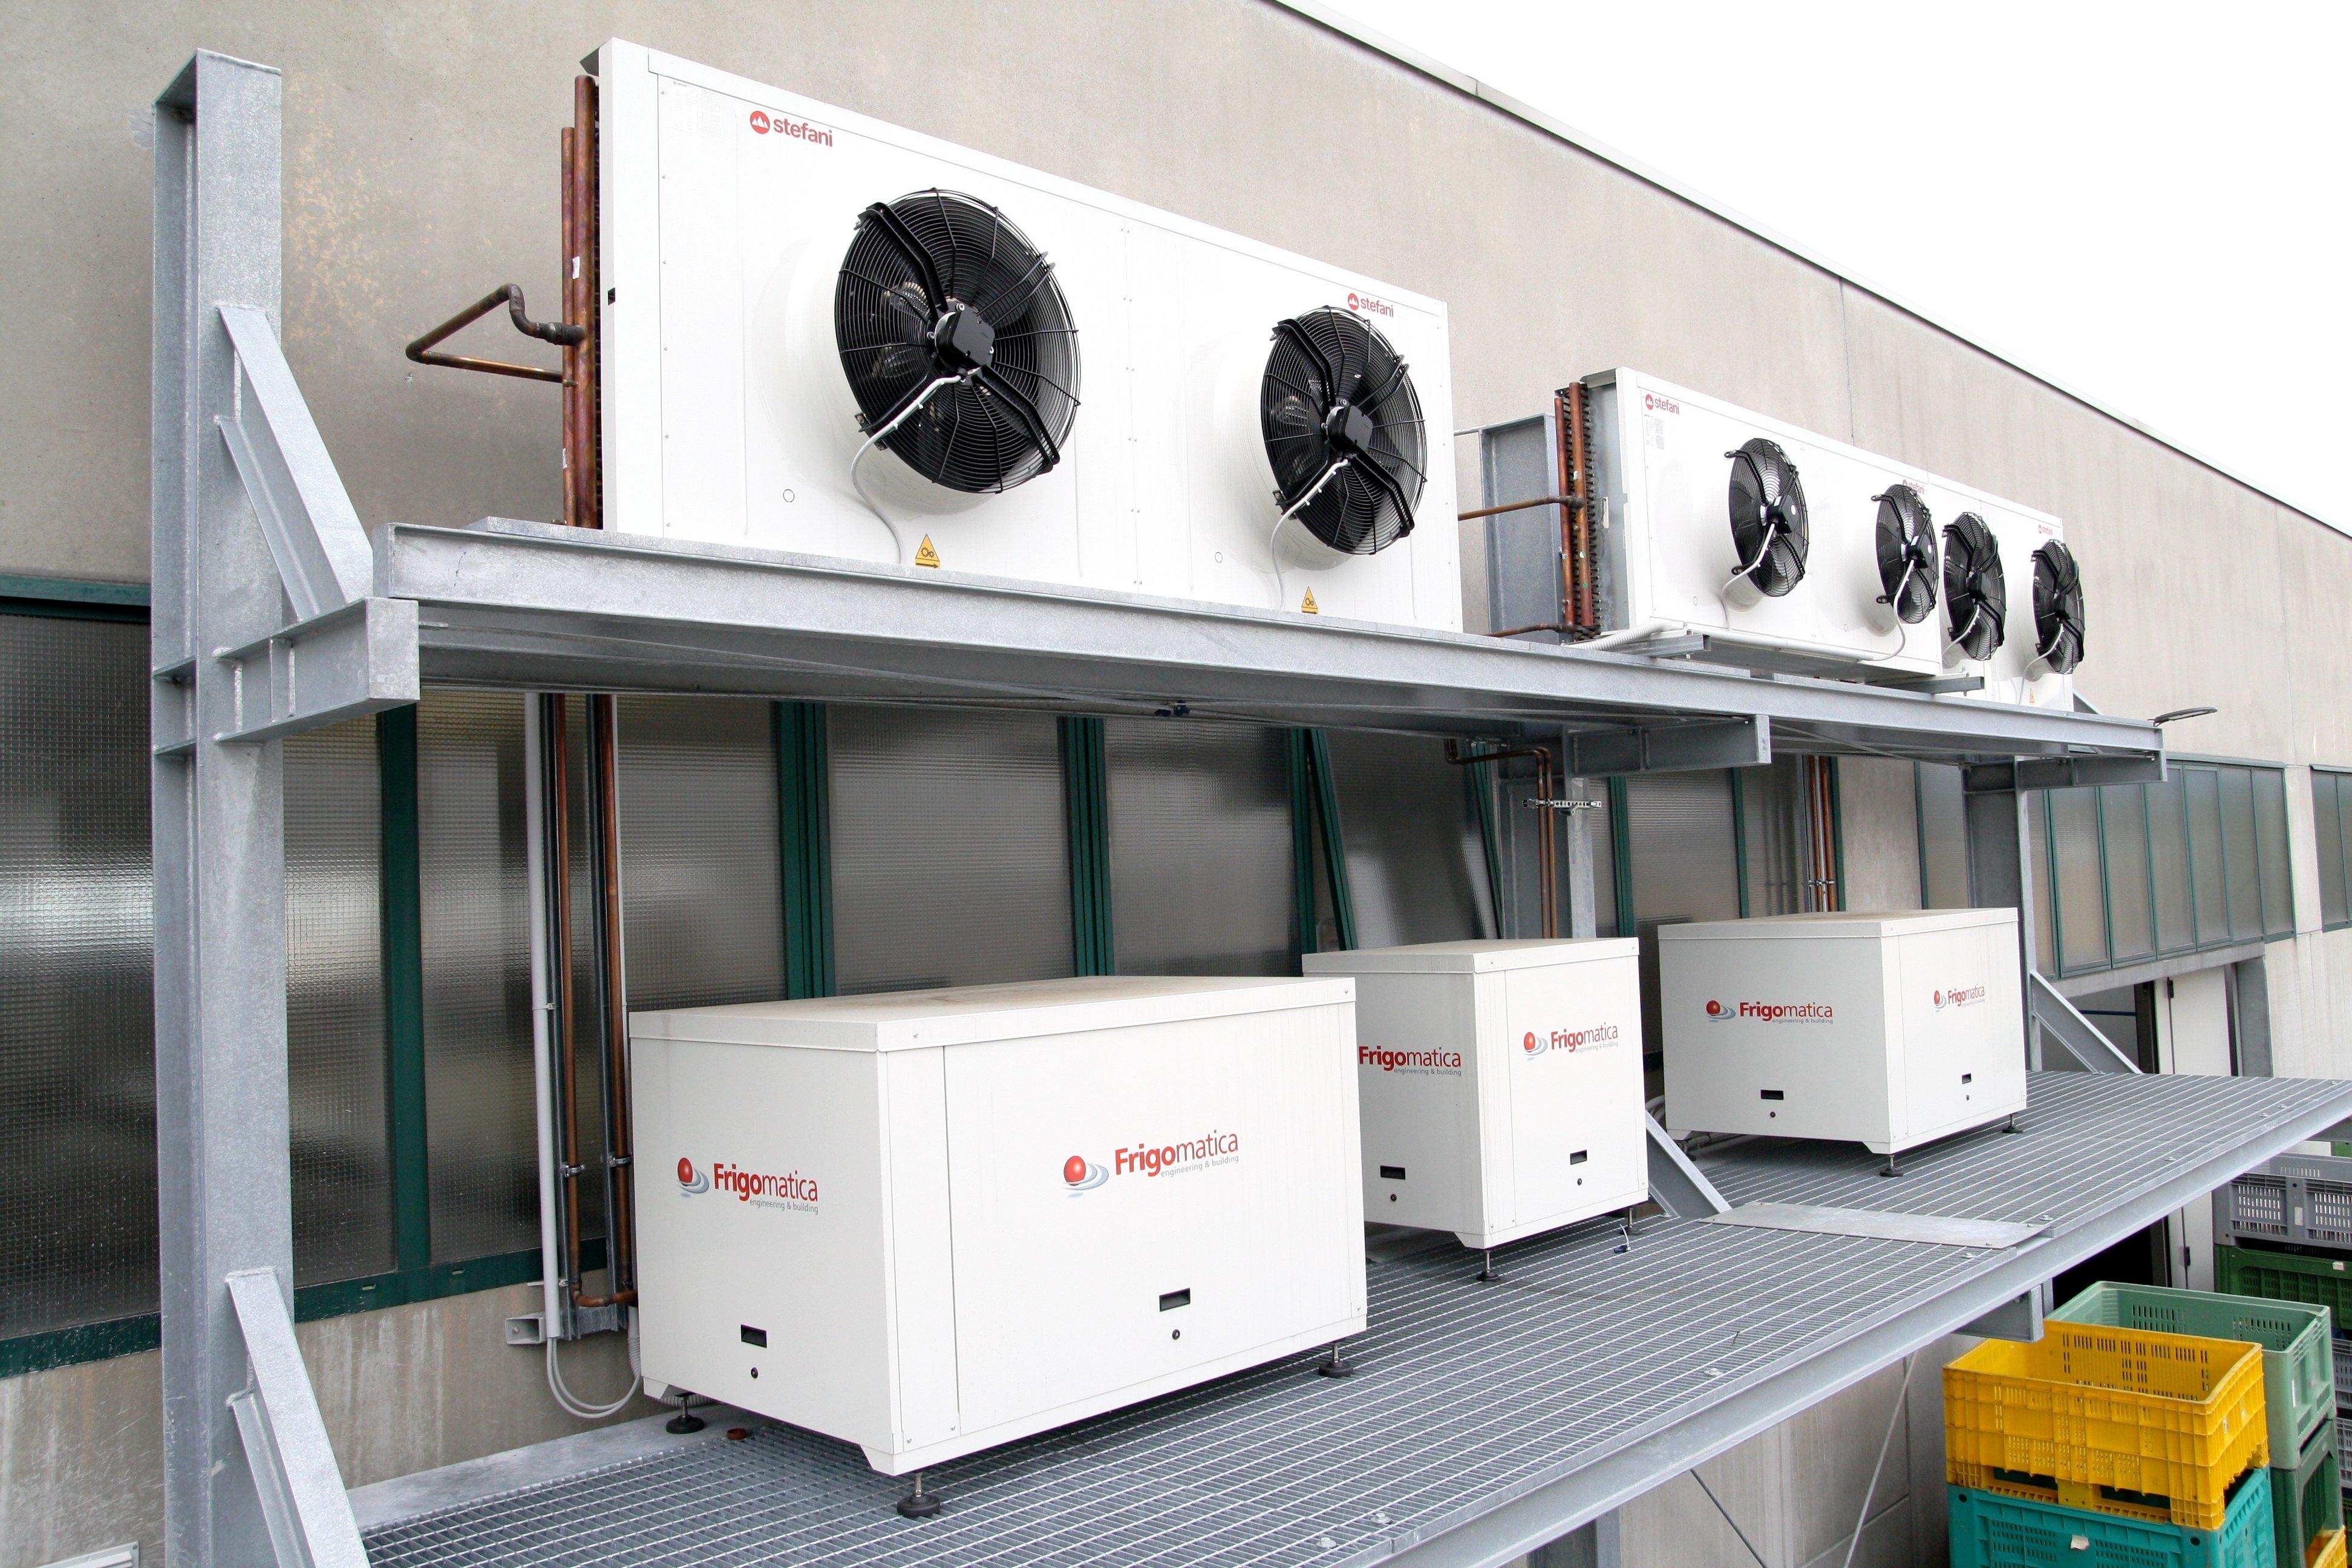 centrale frigorifera ventole